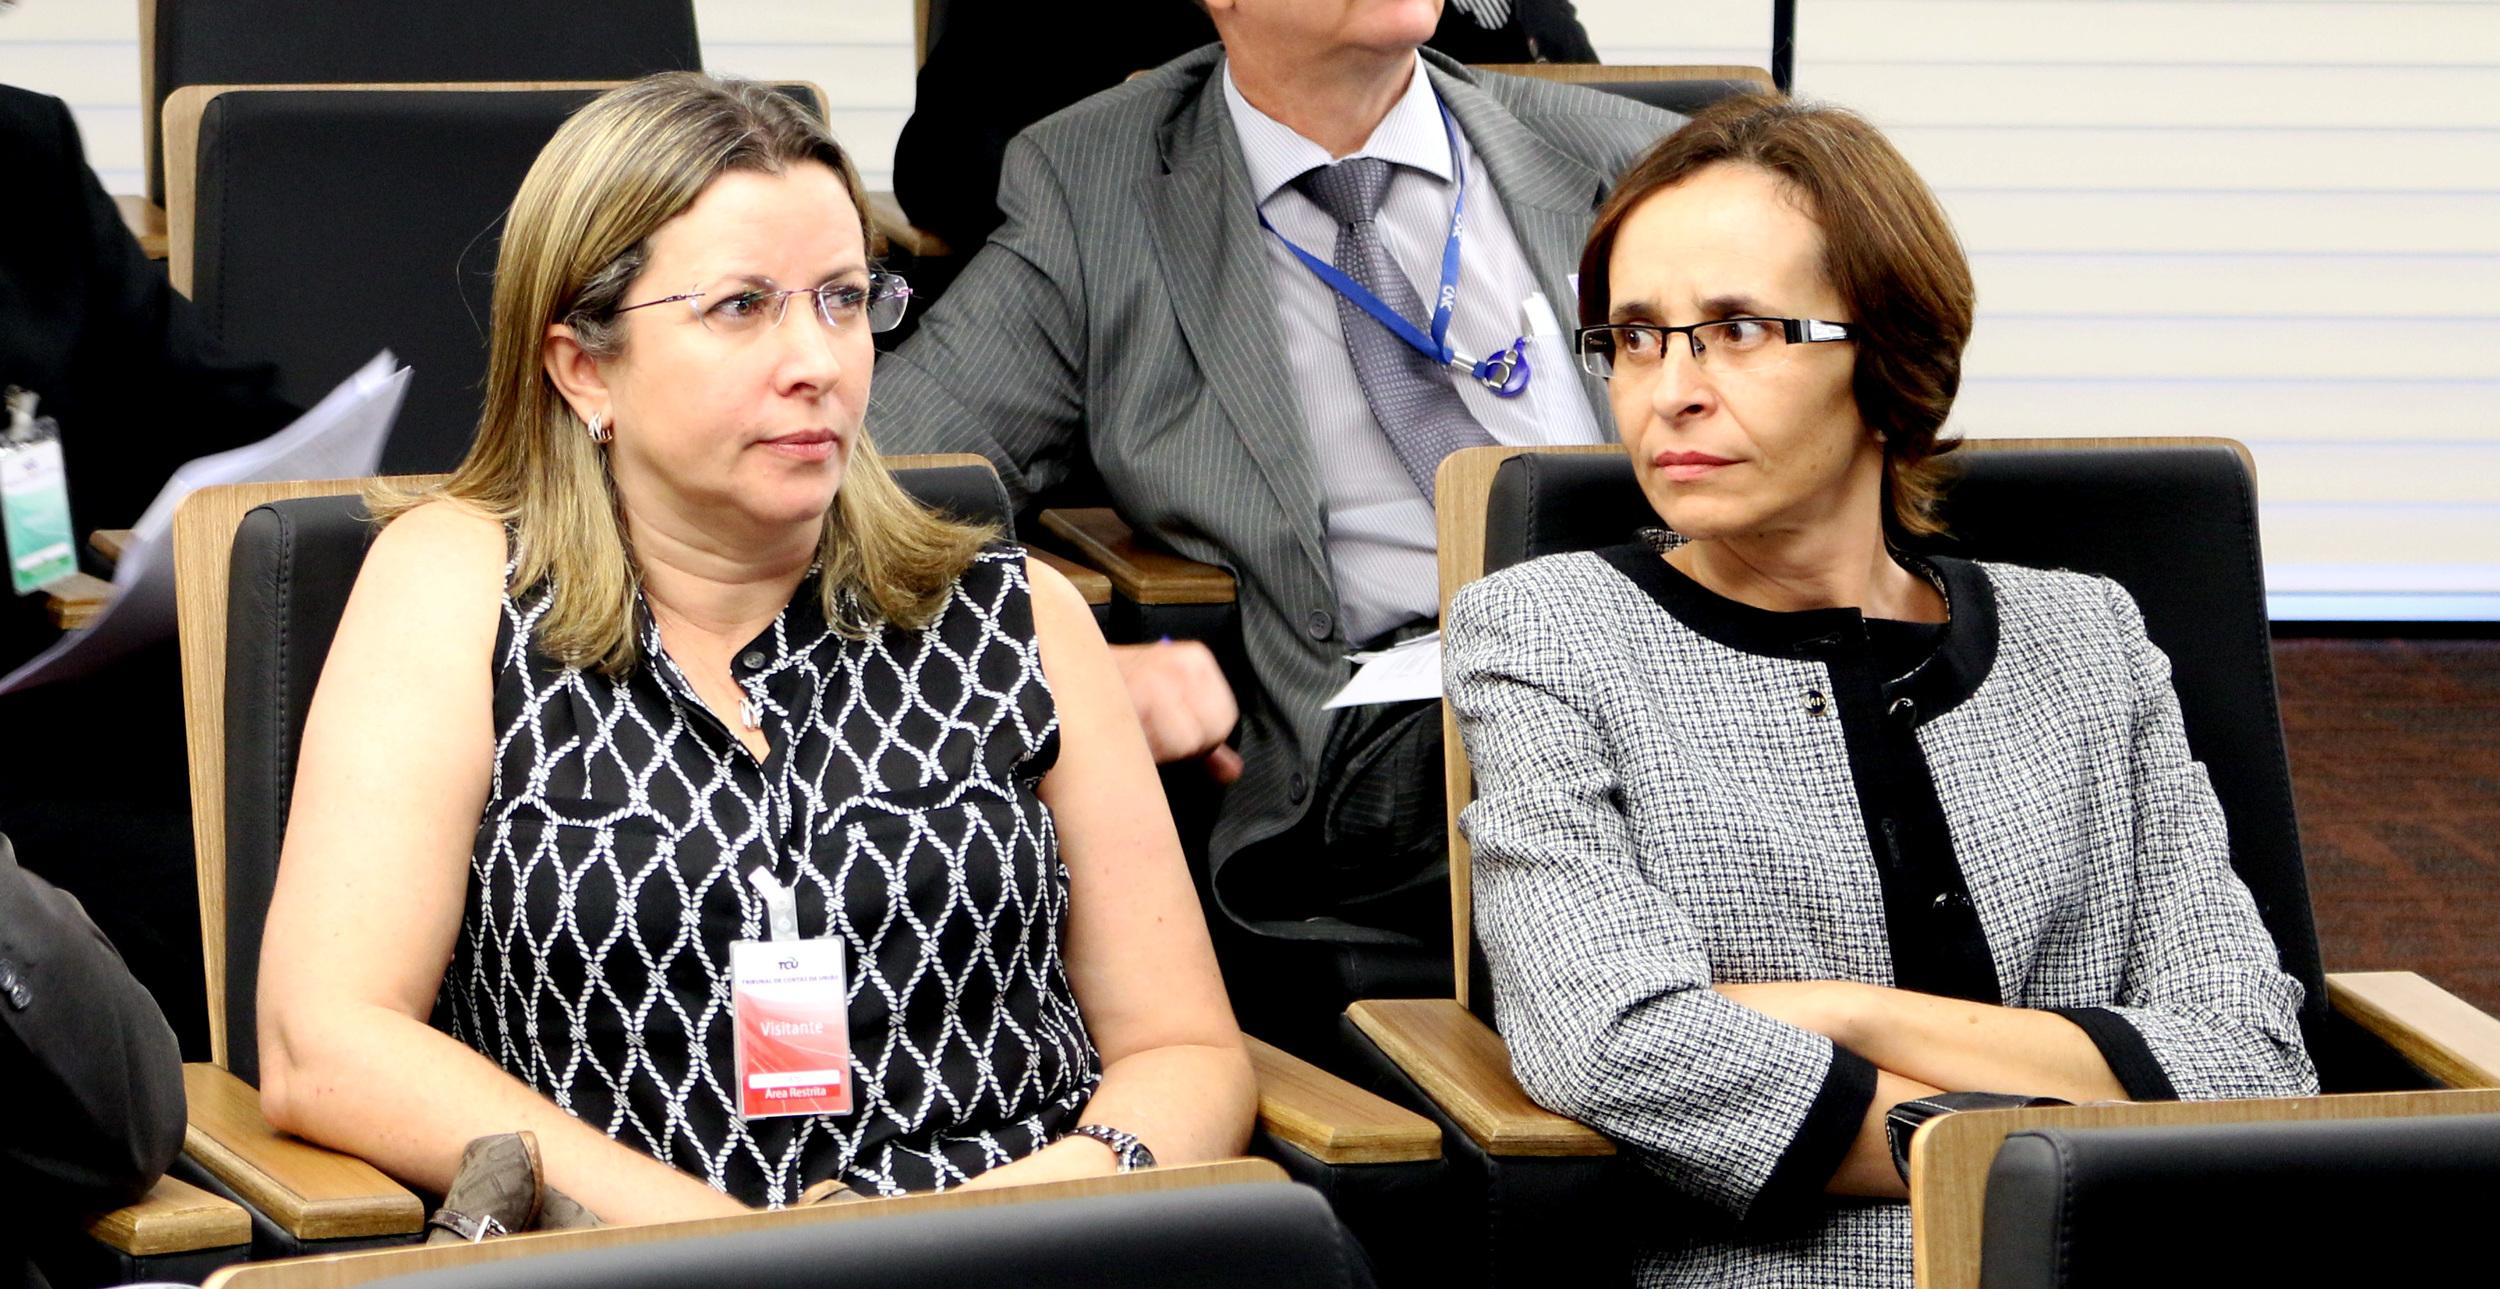 Ana Lúcia Amorim de Brito, secretária de Gestão Pública do MP e Marilene Ferrari Lucas, secretária-adjunta da Segep/MP. Foto: Filipe Calmon / ANESP